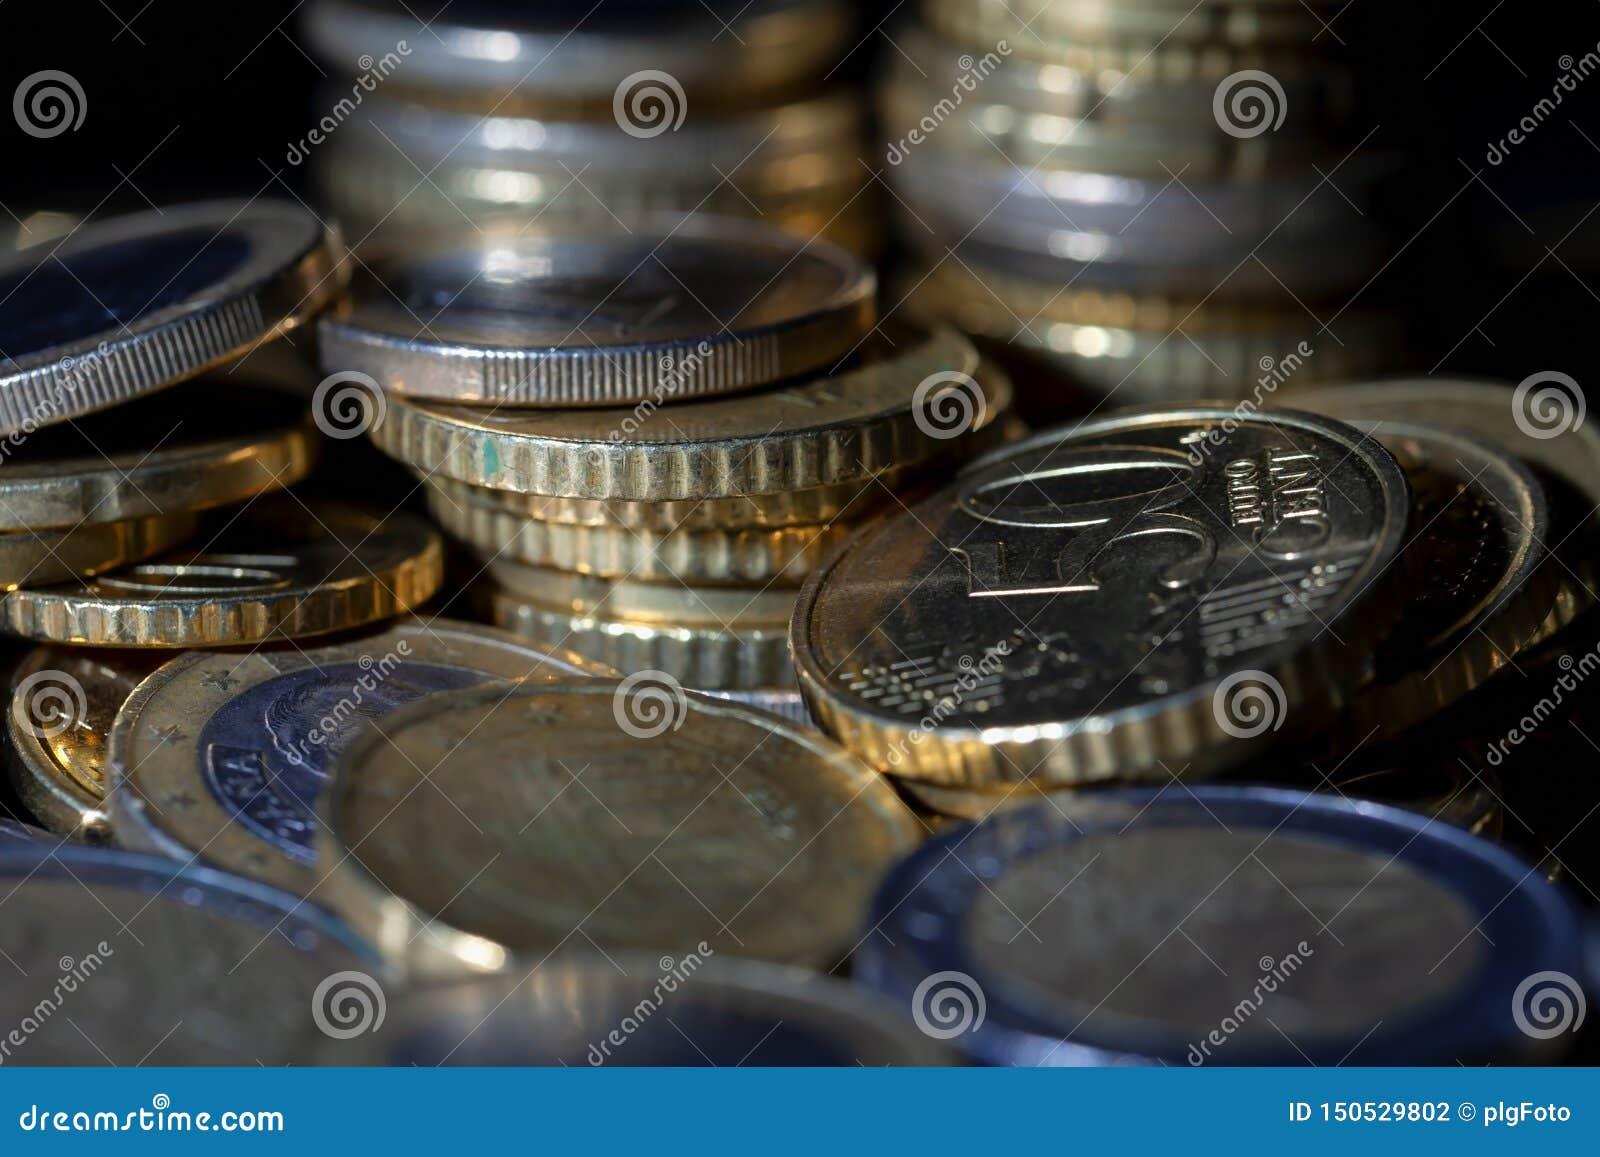 Viele Euromünzen und Cents auf Schwarzem